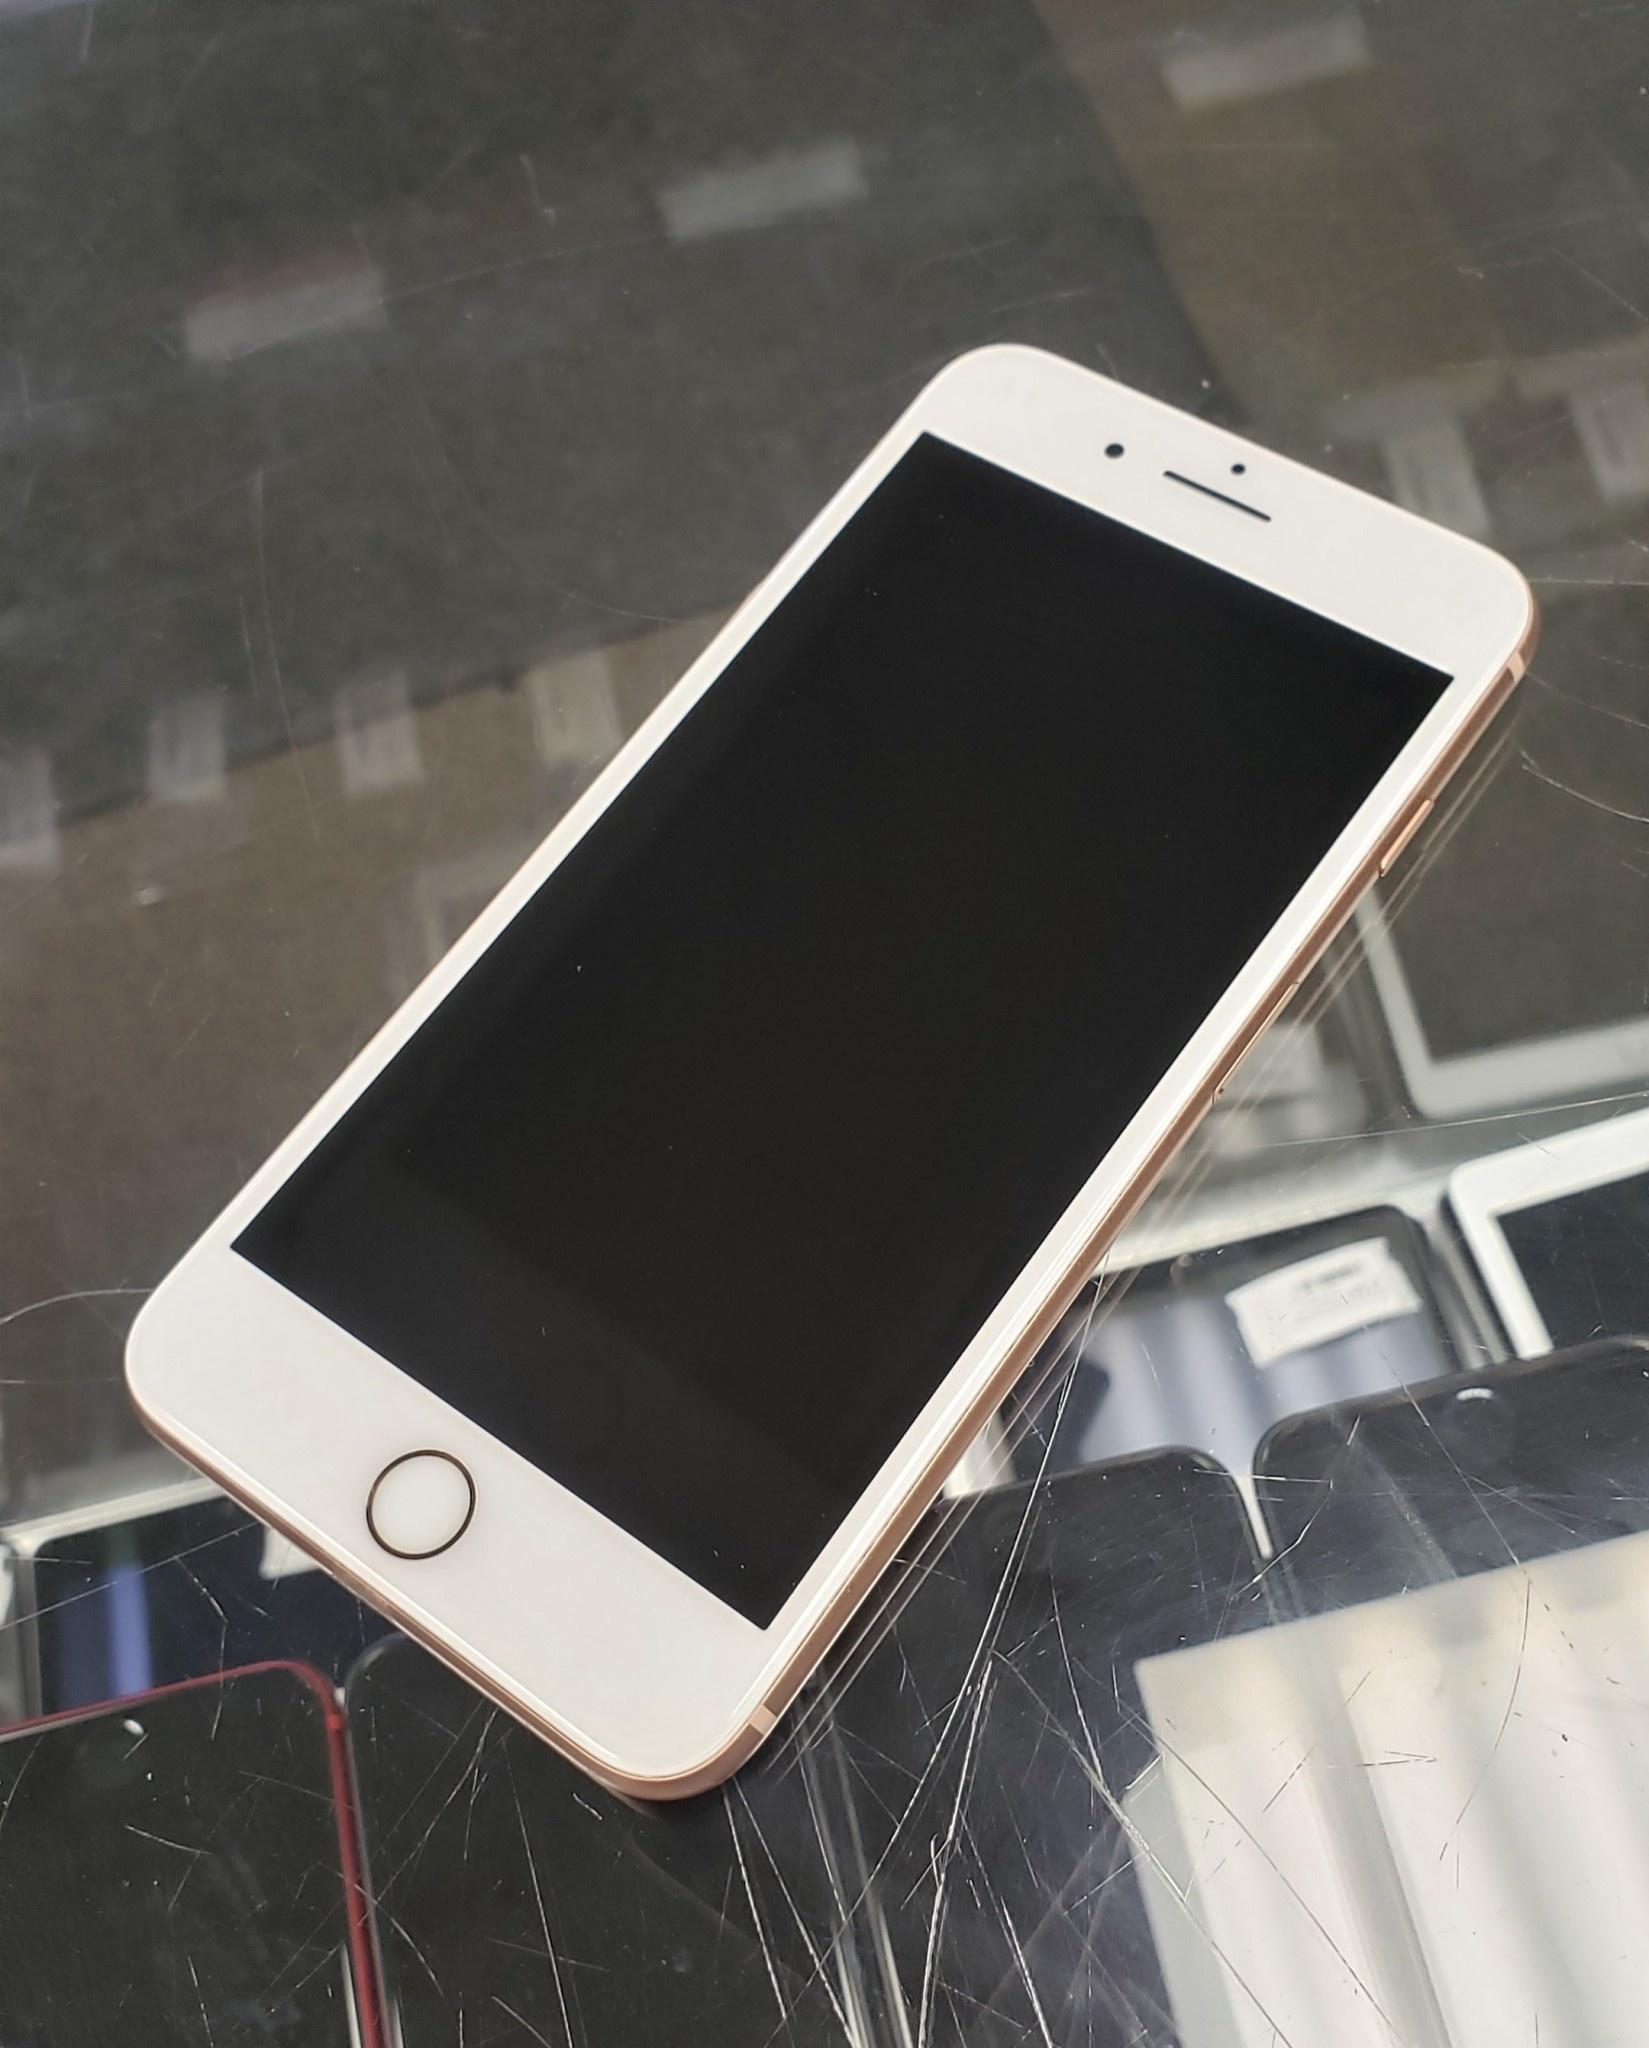 GSM Unlocked - iPhone 8 Plus - 64GB - Rose Gold - Fair Condition